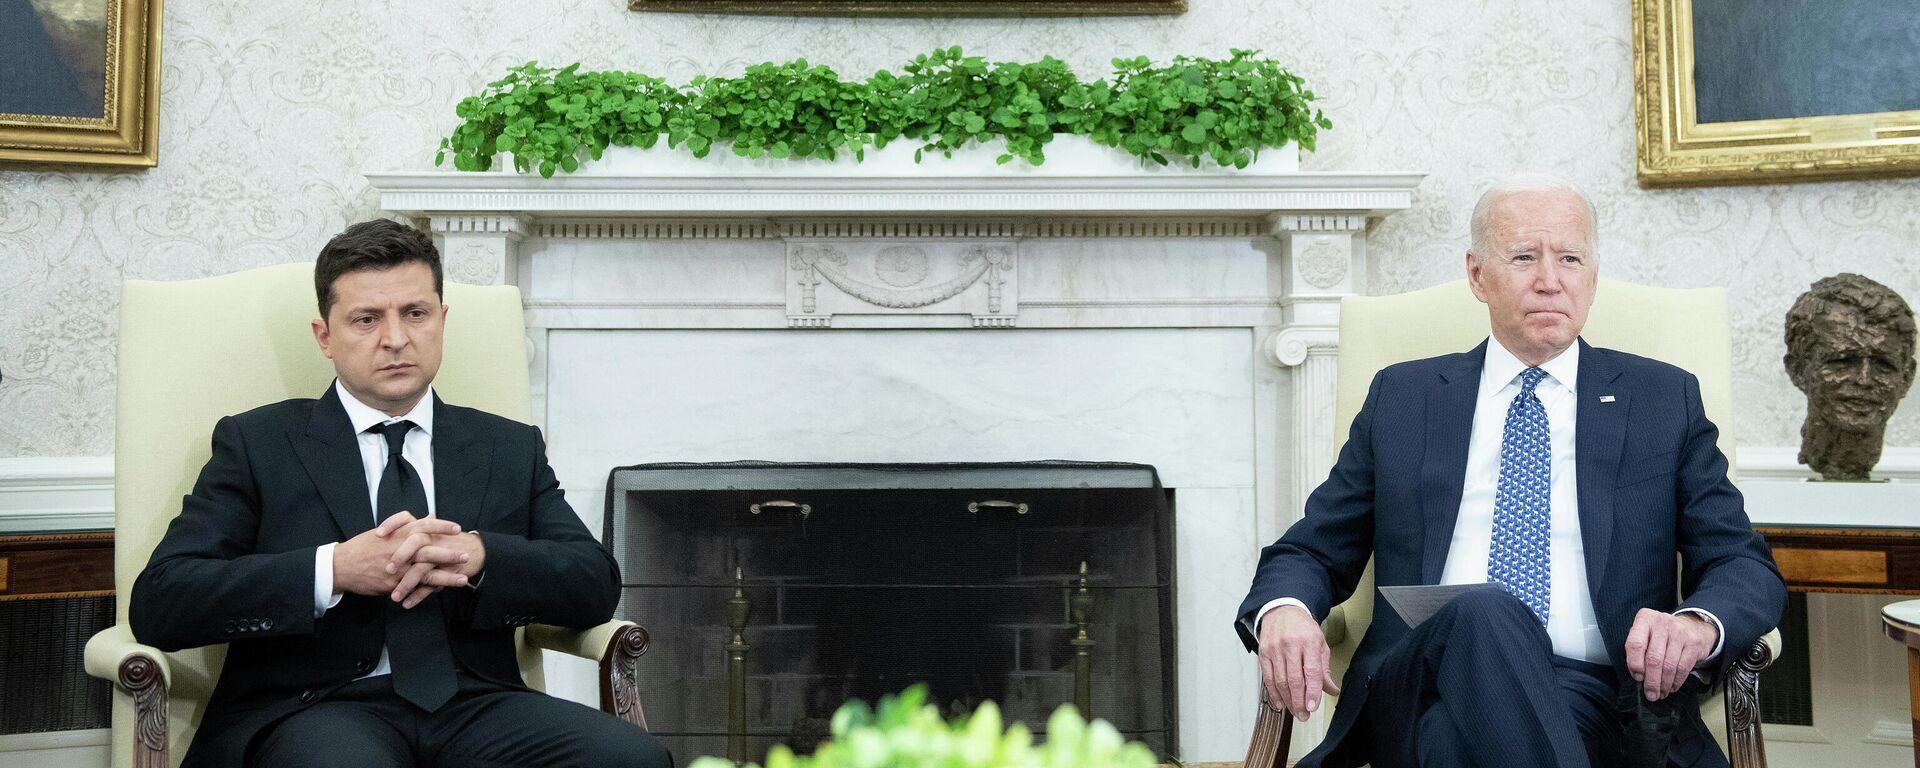 Президент США Джо Байден и президент Украины Владимир Зеленский - Sputnik Таджикистан, 1920, 02.09.2021